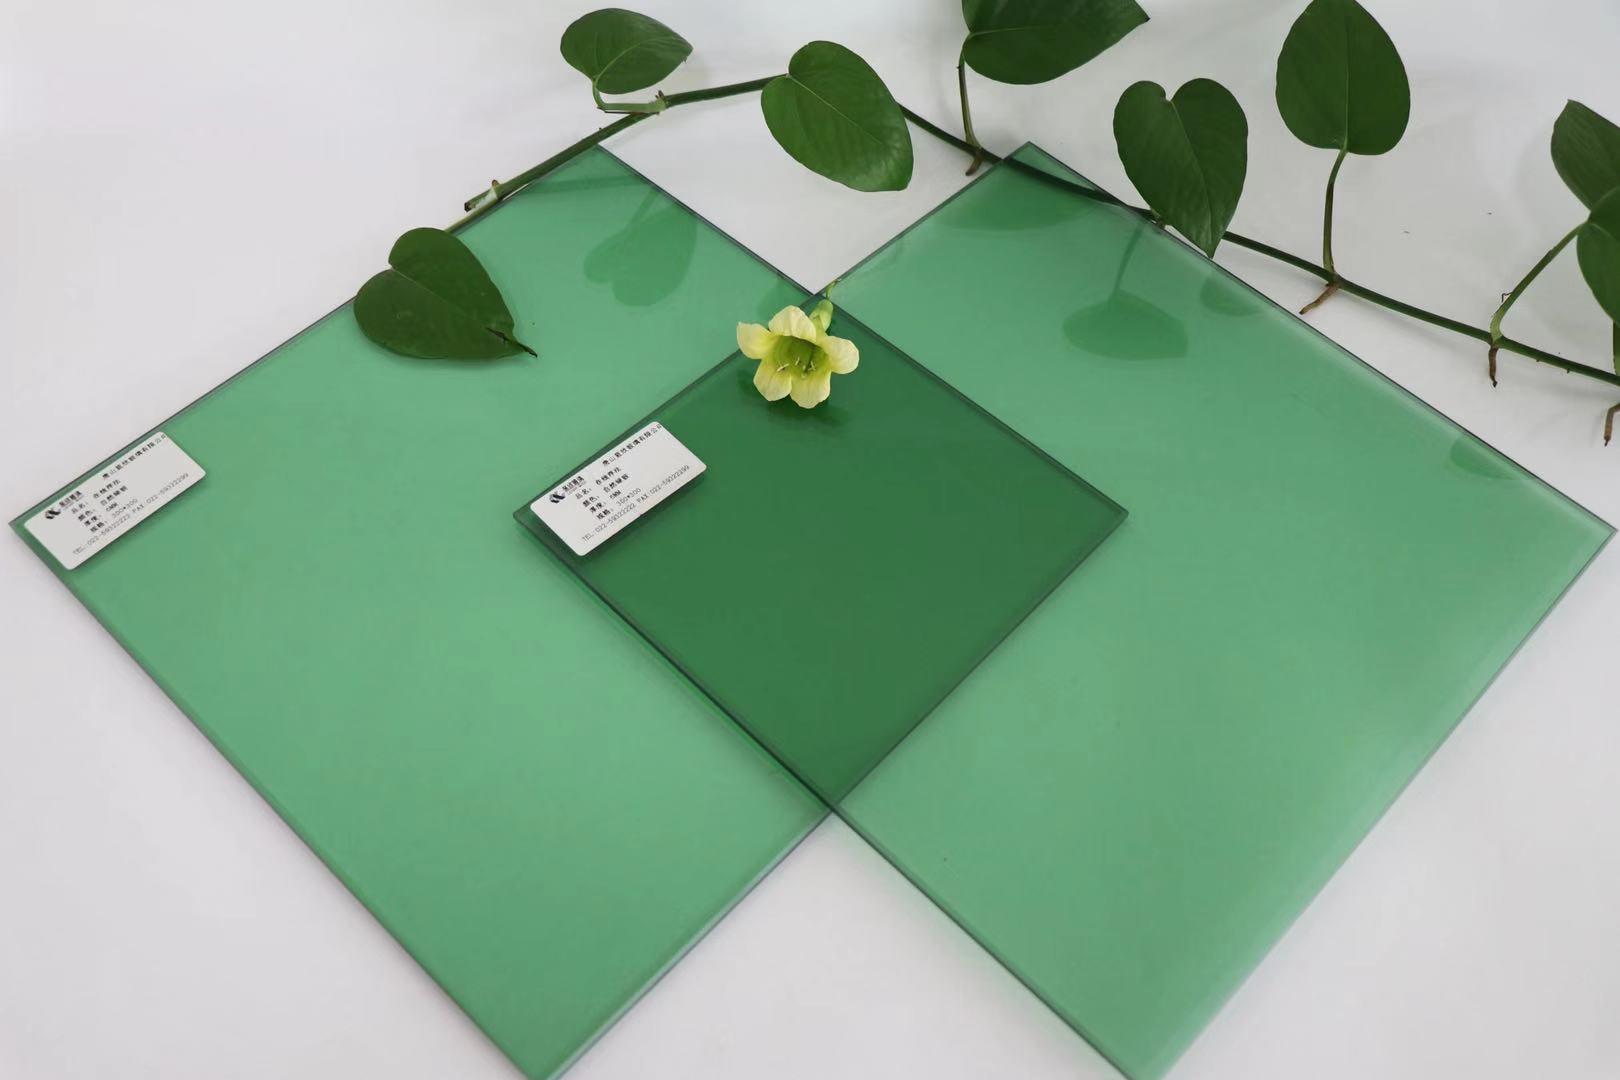 供应6mm浮法自然绿玻璃